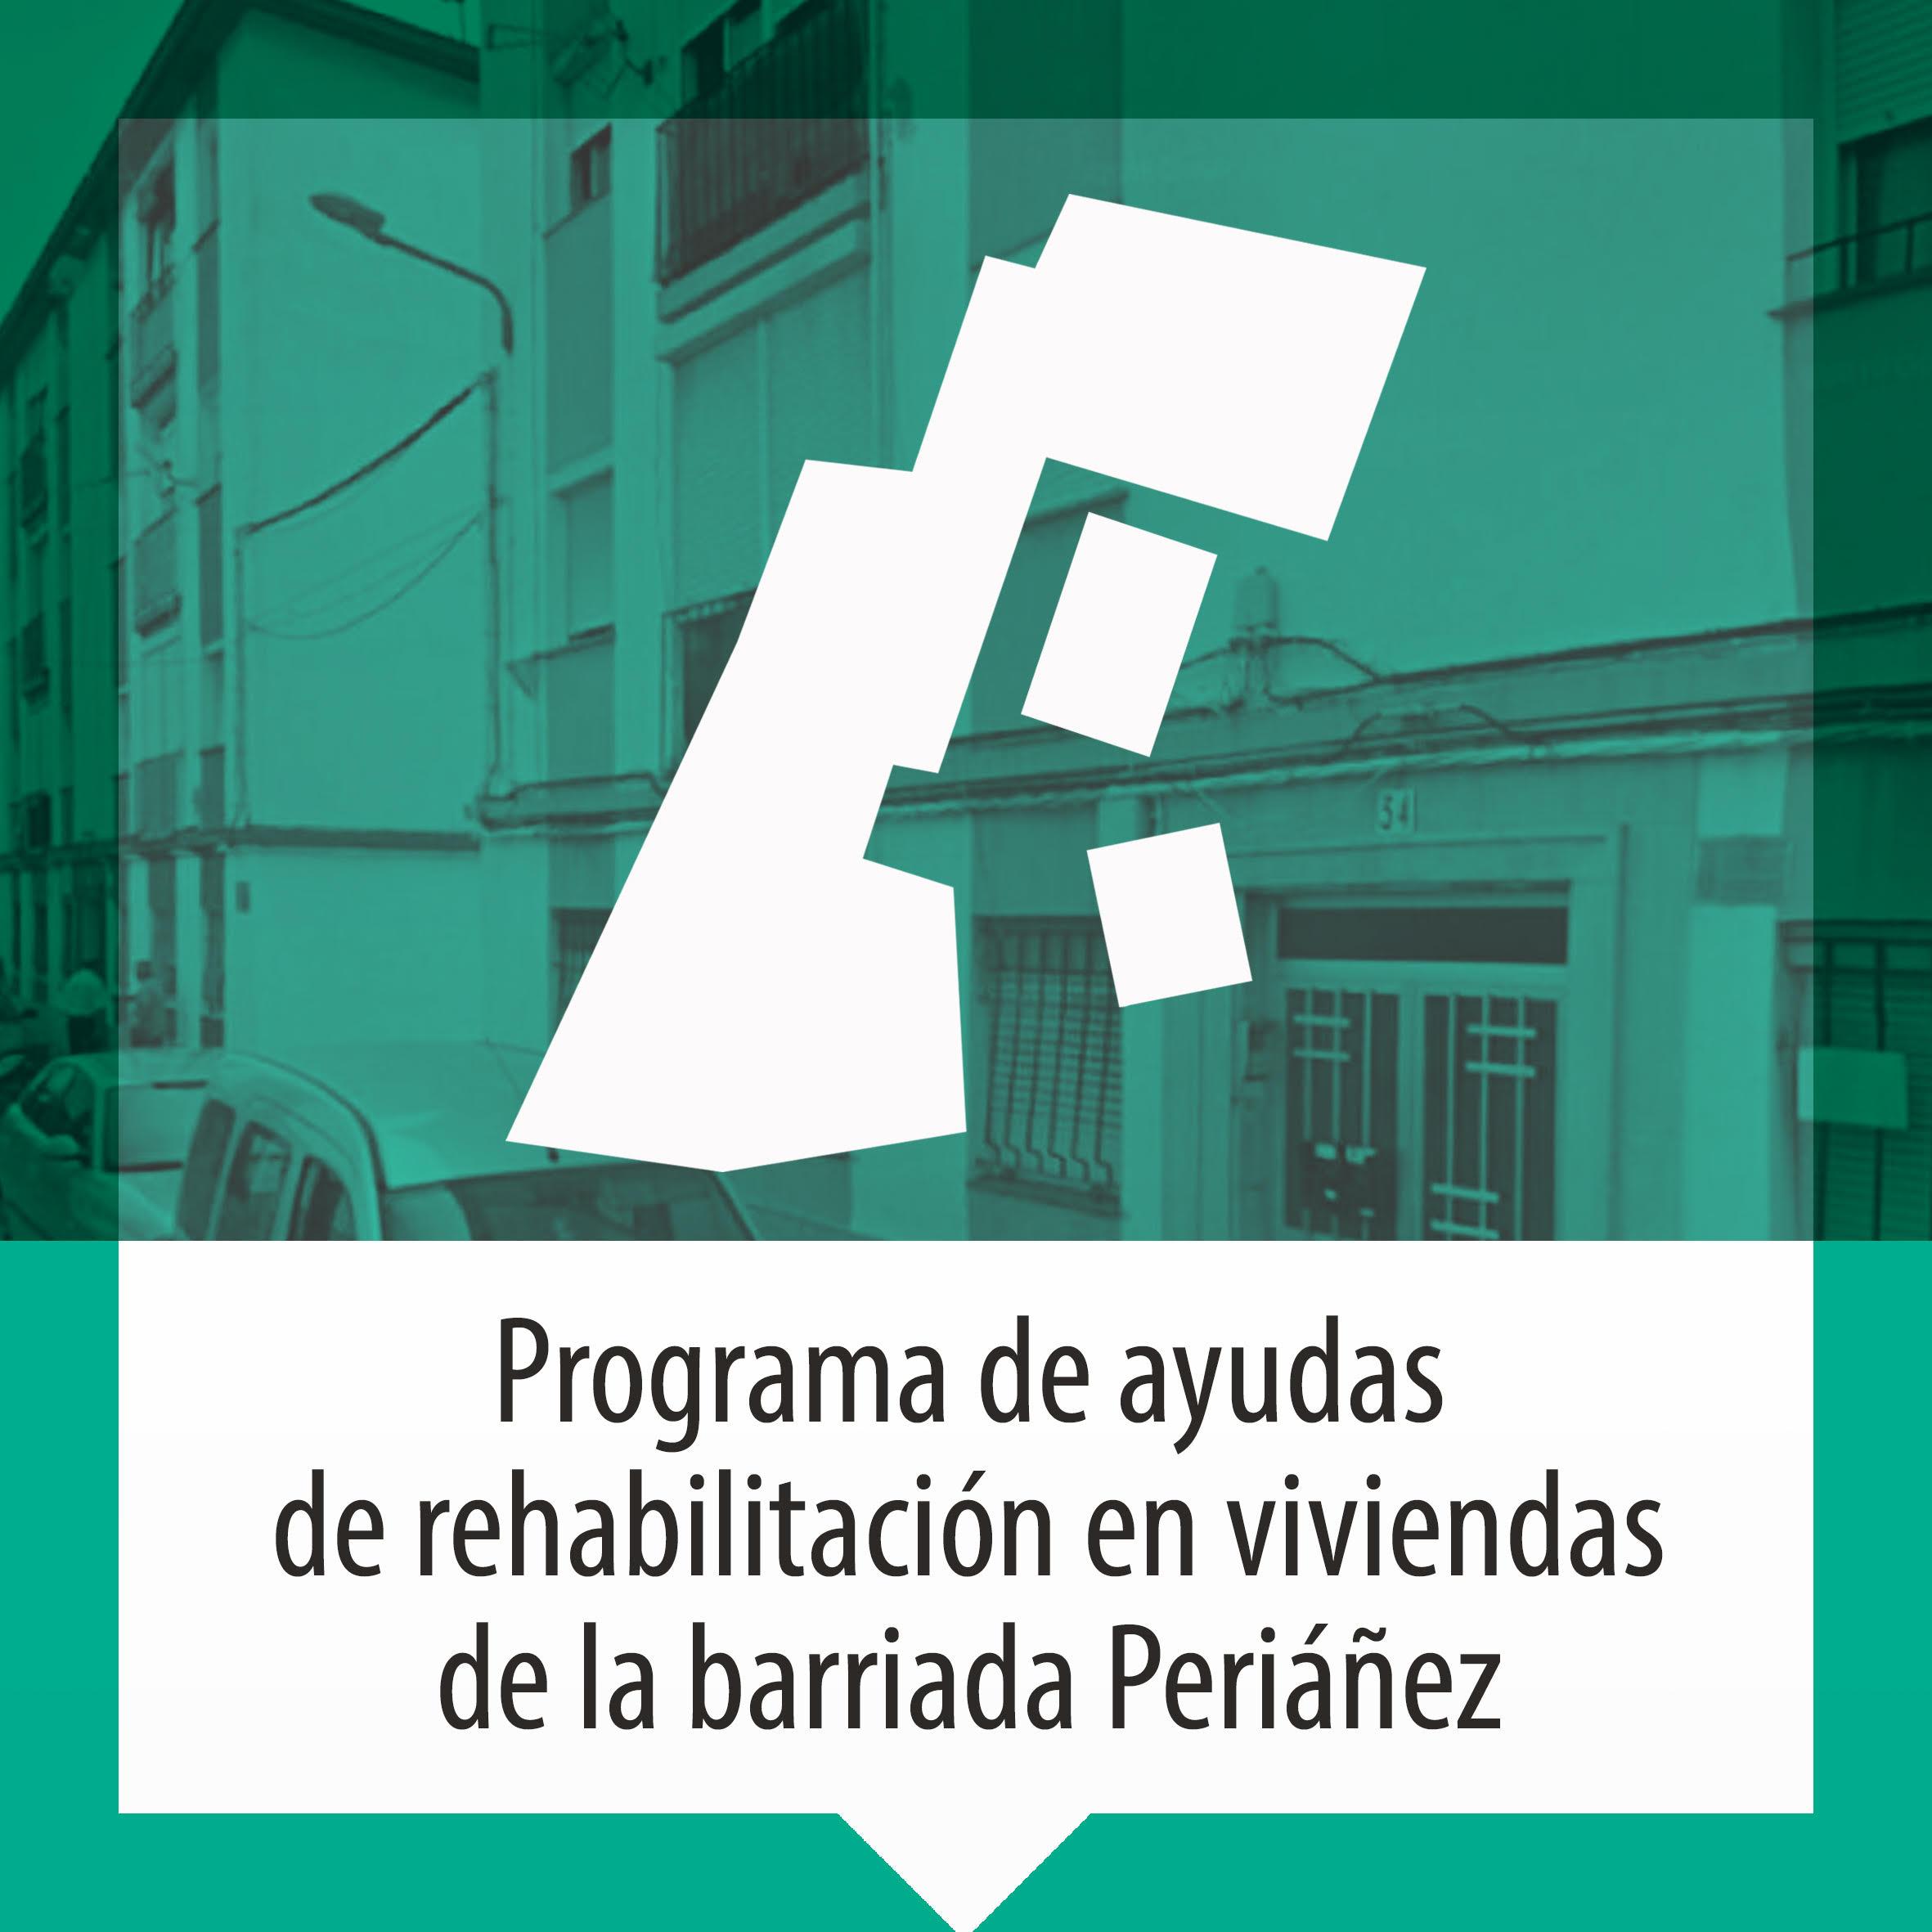 Periañez